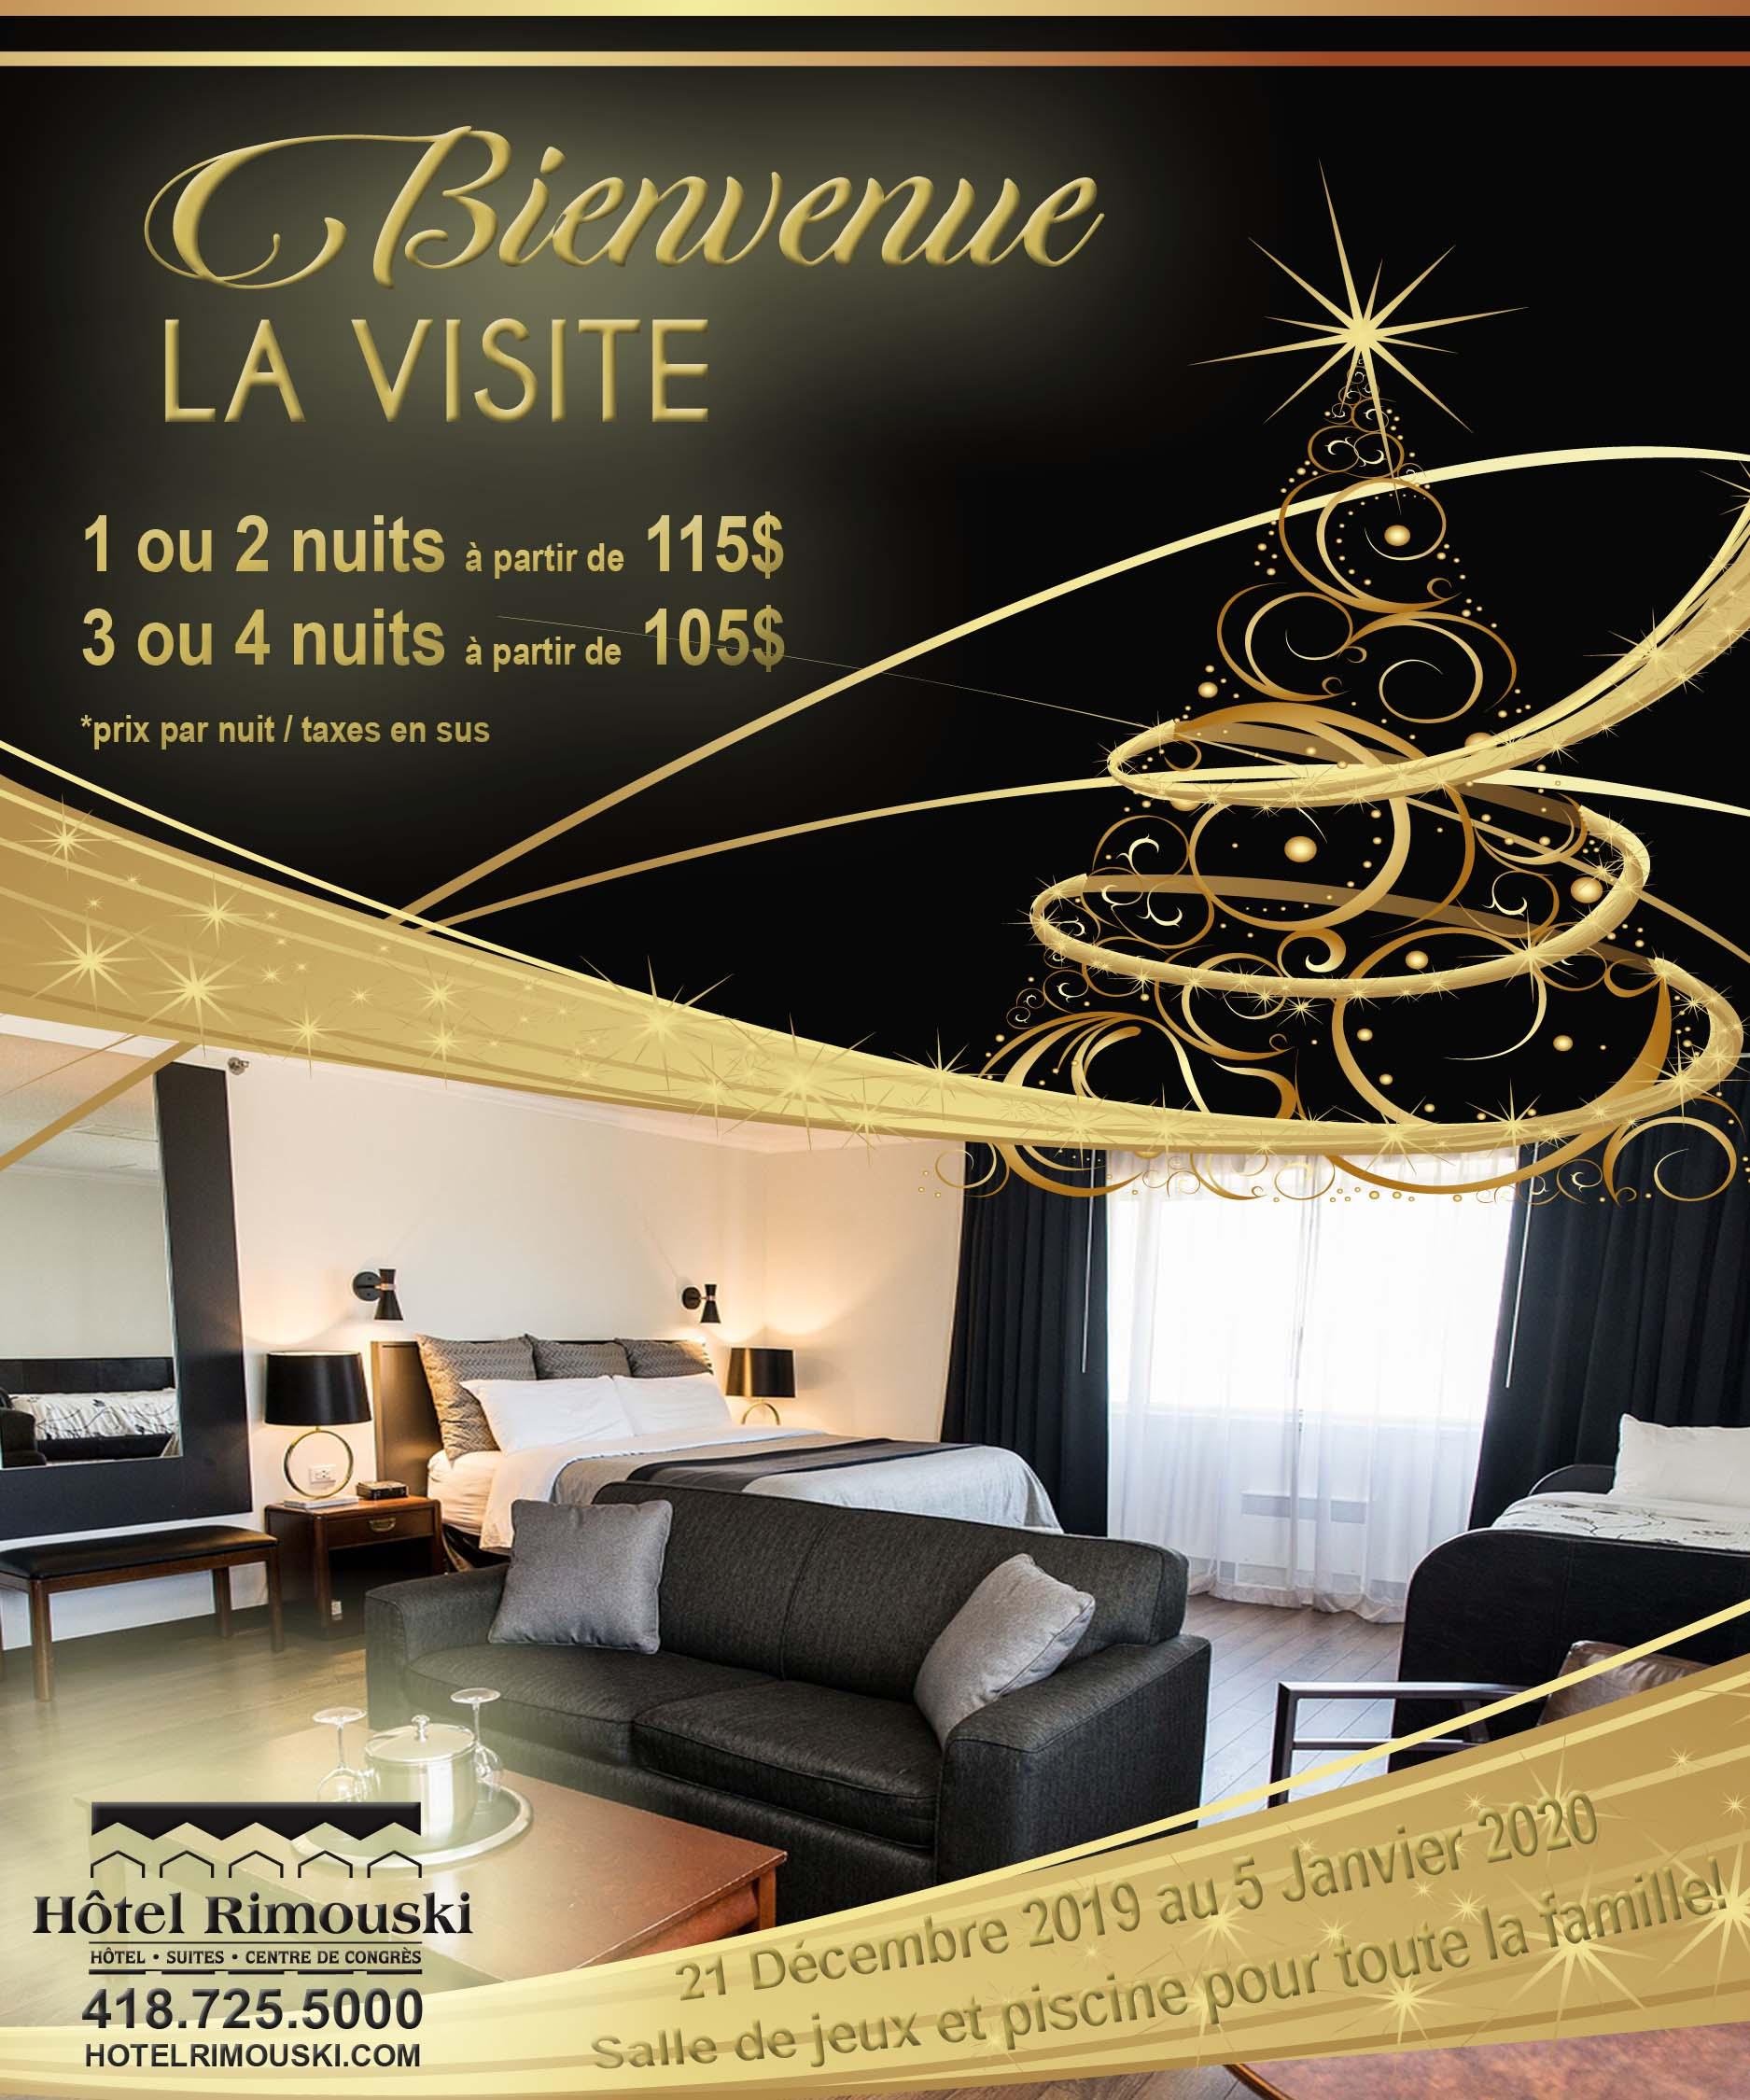 Bienvenue la visite | Hôtel Rimouski